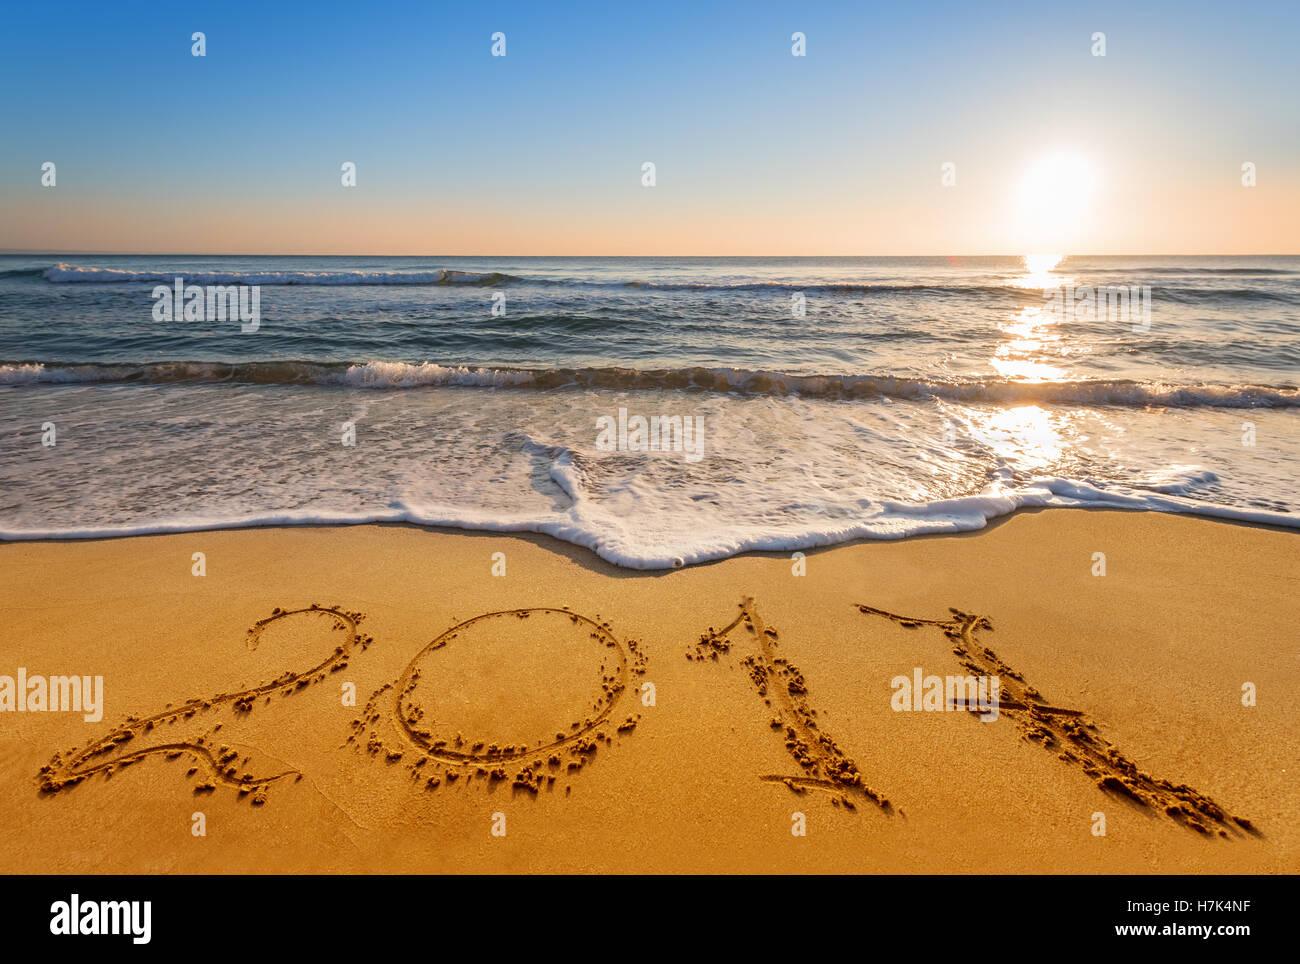 written 2017 on the beach - Stock Image